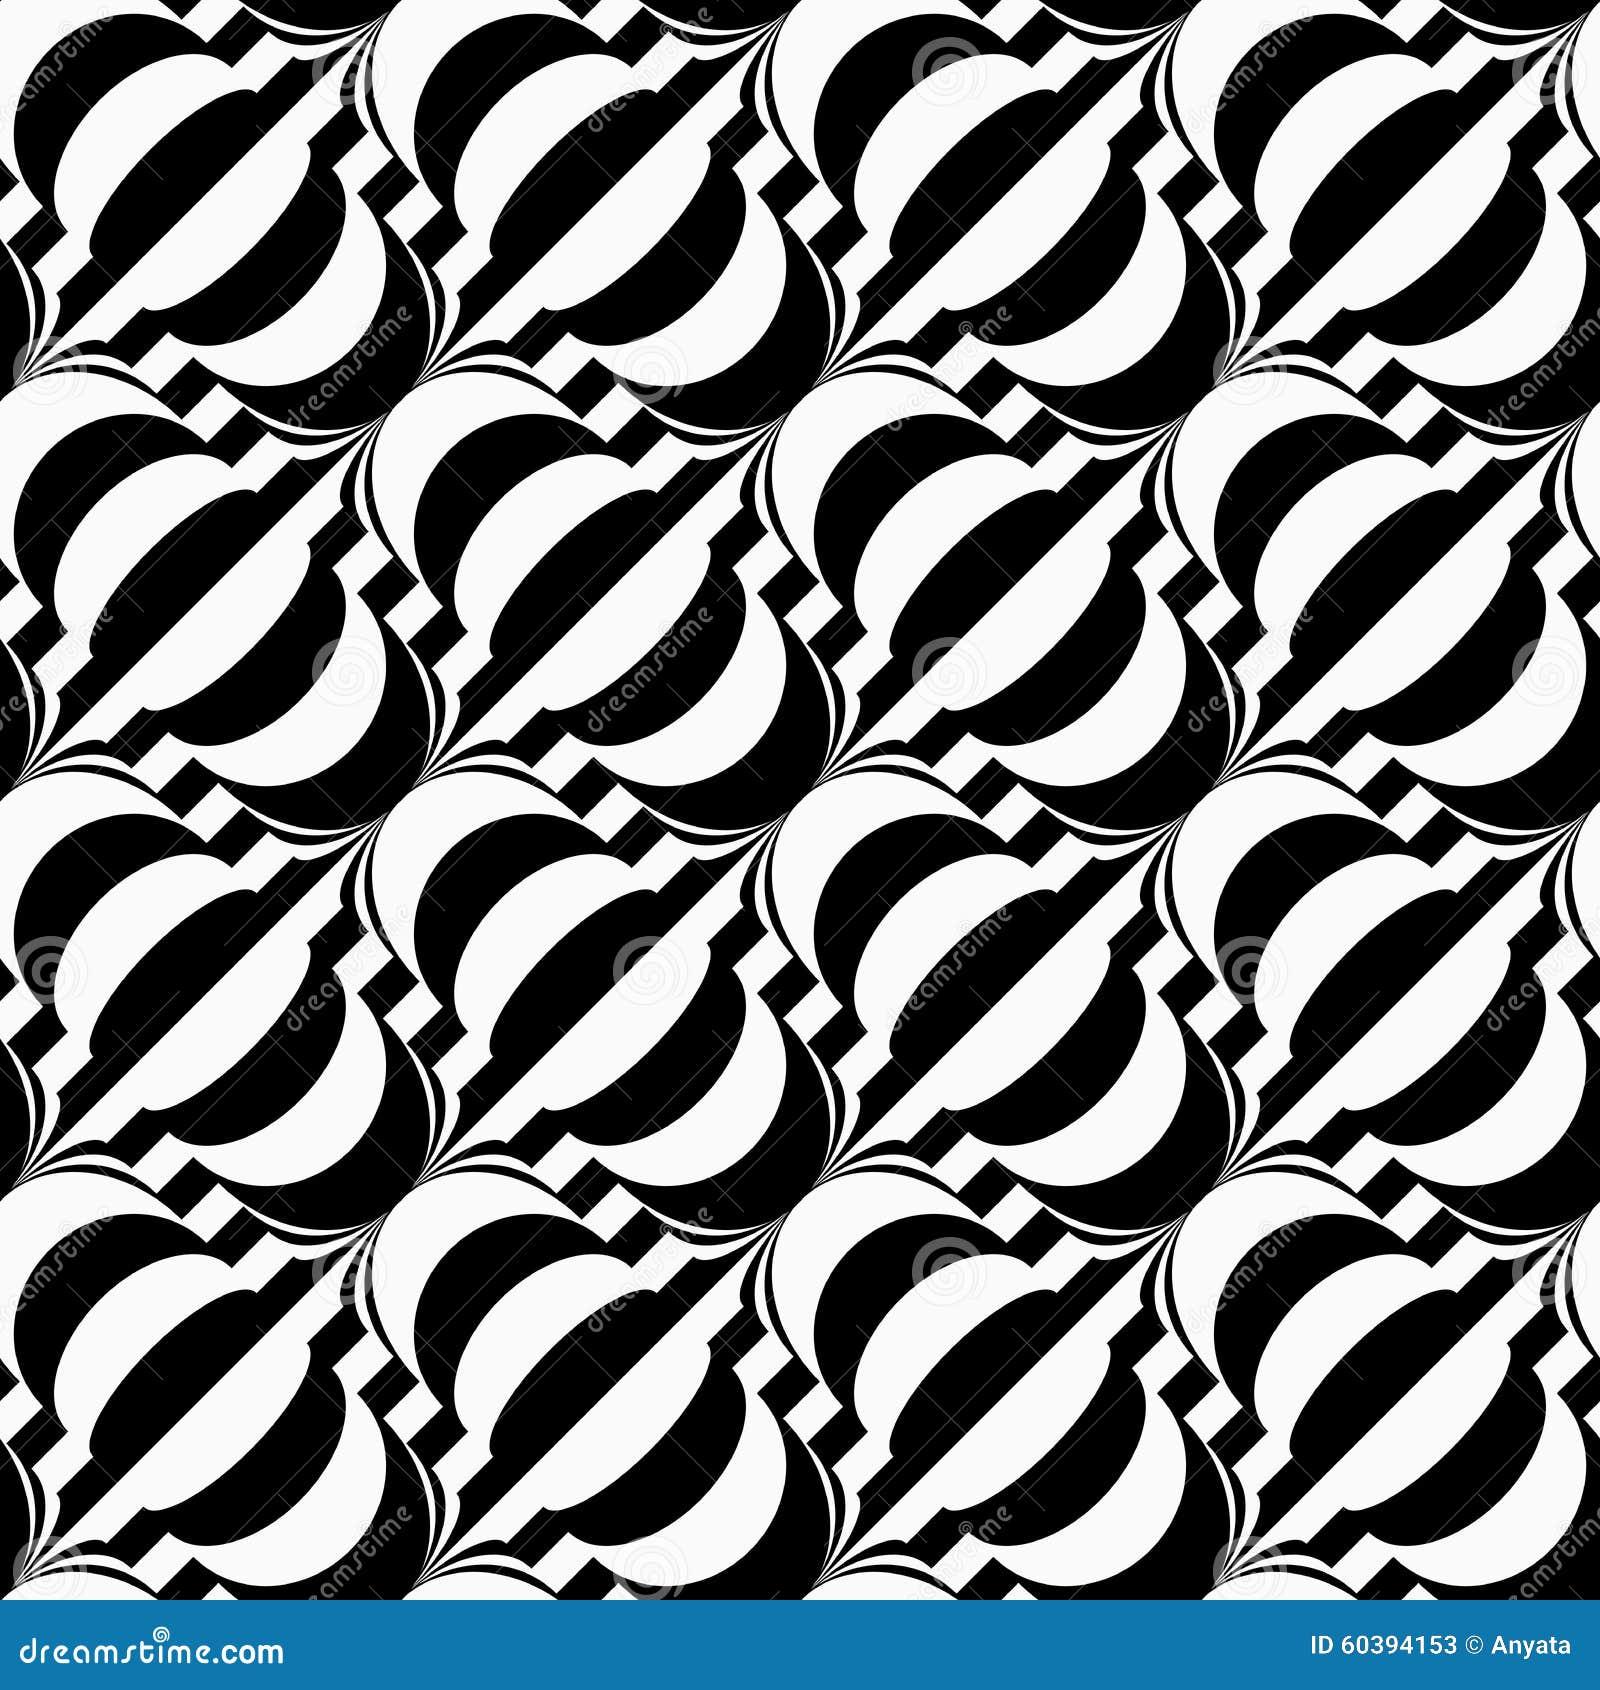 在条纹的黑白对角电灯泡 无缝的时髦的几何背景 抽象现代模式 平展